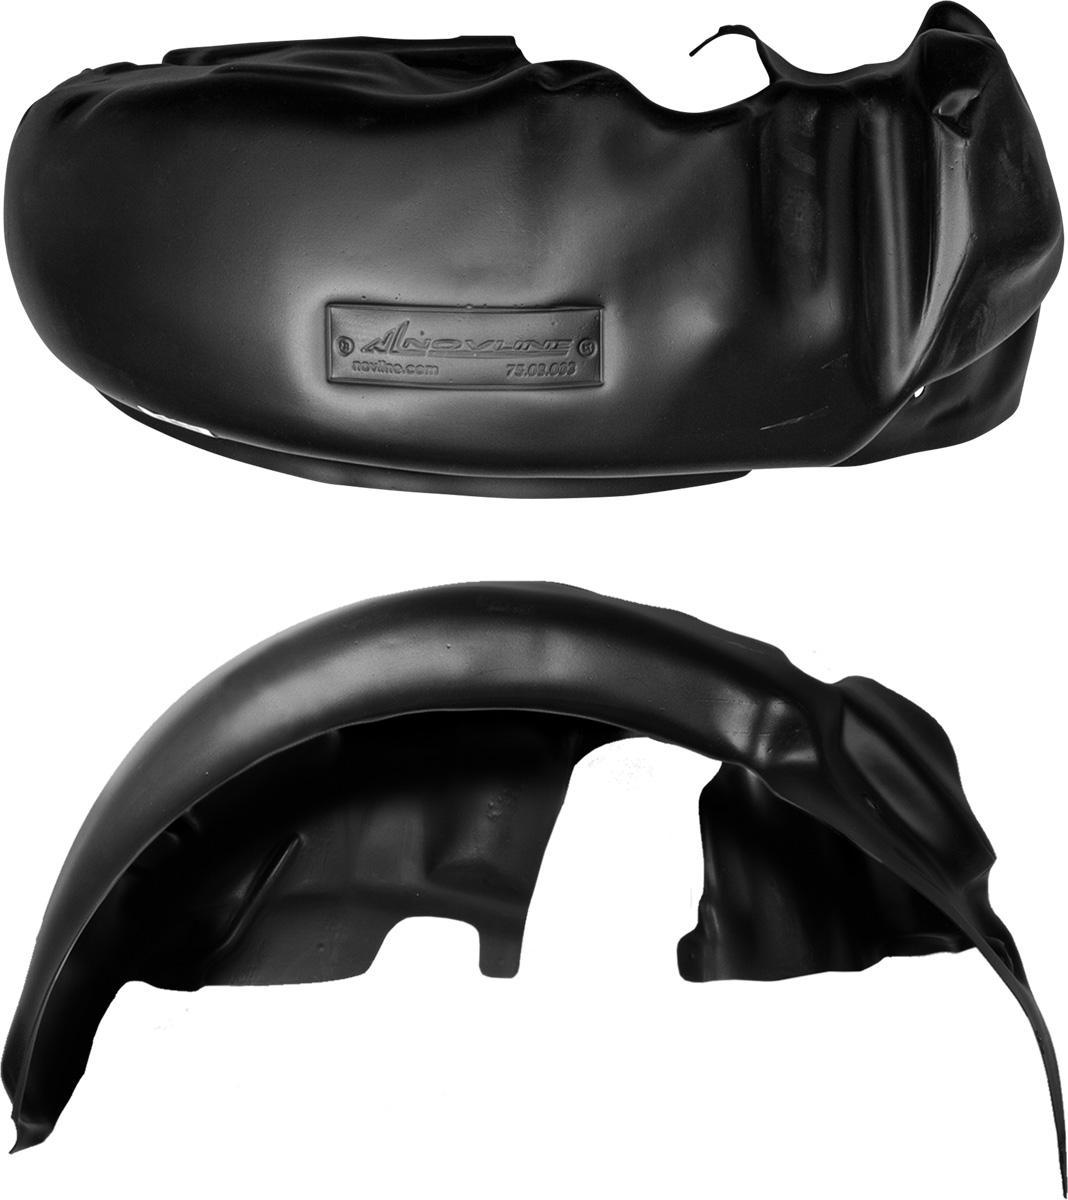 Подкрылок Novline-Autofamily, для Mazda CX-5, 2012-2015, задний левый2706 (ПО)Колесные ниши - одни из самых уязвимых зон днища вашего автомобиля. Они постоянно подвергаются воздействию со стороны дороги. Лучшая, почти абсолютная защита для них - специально отформованные пластиковые кожухи, которые называются подкрылками. Производятся они как для отечественных моделей автомобилей, так и для иномарок. Подкрылки Novline-Autofamily выполнены из высококачественного, экологически чистого пластика. Обеспечивают надежную защиту кузова автомобиля от пескоструйного эффекта и негативного влияния, агрессивных антигололедных реагентов. Пластик обладает более низкой теплопроводностью, чем металл, поэтому в зимний период эксплуатации использование пластиковых подкрылков позволяет лучше защитить колесные ниши от налипания снега и образования наледи. Оригинальность конструкции подчеркивает элегантность автомобиля, бережно защищает нанесенное на днище кузова антикоррозийное покрытие и позволяет осуществить крепление подкрылков внутри колесной арки практически без дополнительного крепежа и сверления, не нарушая при этом лакокрасочного покрытия, что предотвращает возникновение новых очагов коррозии. Подкрылки долговечны, обладают высокой прочностью и сохраняют заданную форму, а также все свои физико-механические характеристики в самых тяжелых климатических условиях (от -50°С до +50°С).Уважаемые клиенты!Обращаем ваше внимание, на тот факт, что подкрылок имеет форму, соответствующую модели данного автомобиля. Фото служит для визуального восприятия товара.